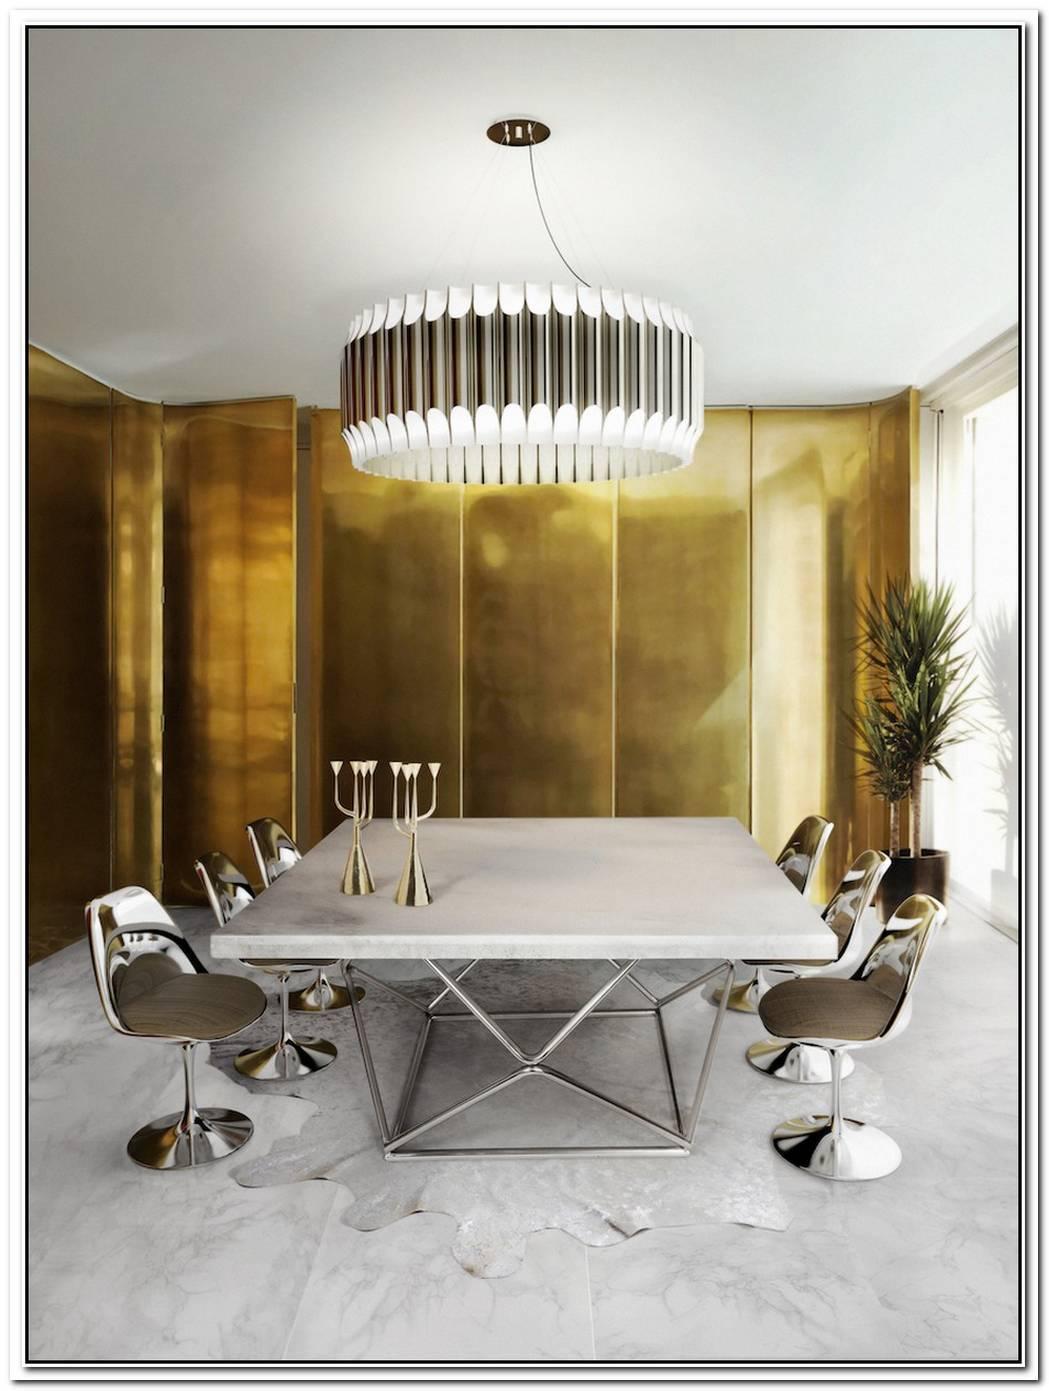 10 Splendid Contemporary Dining Room Design Ideas